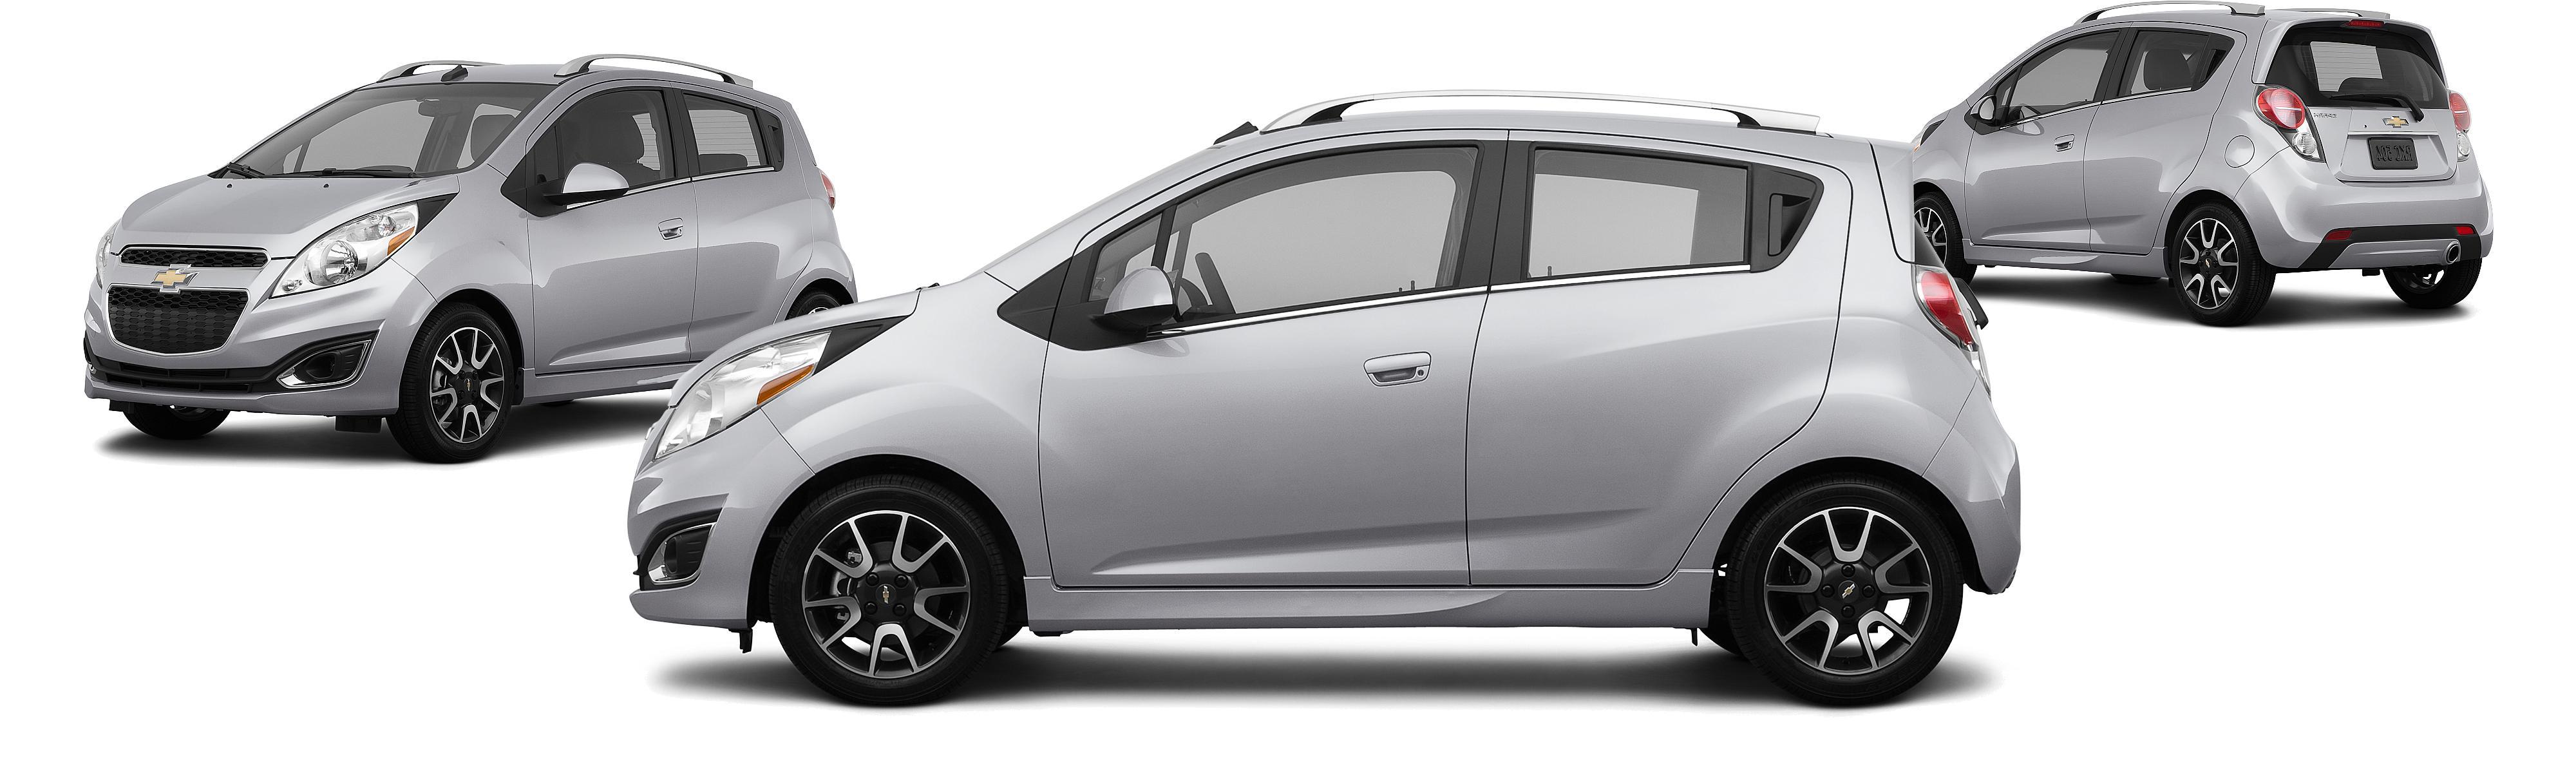 Kelebihan Chevrolet Spark 2013 Murah Berkualitas